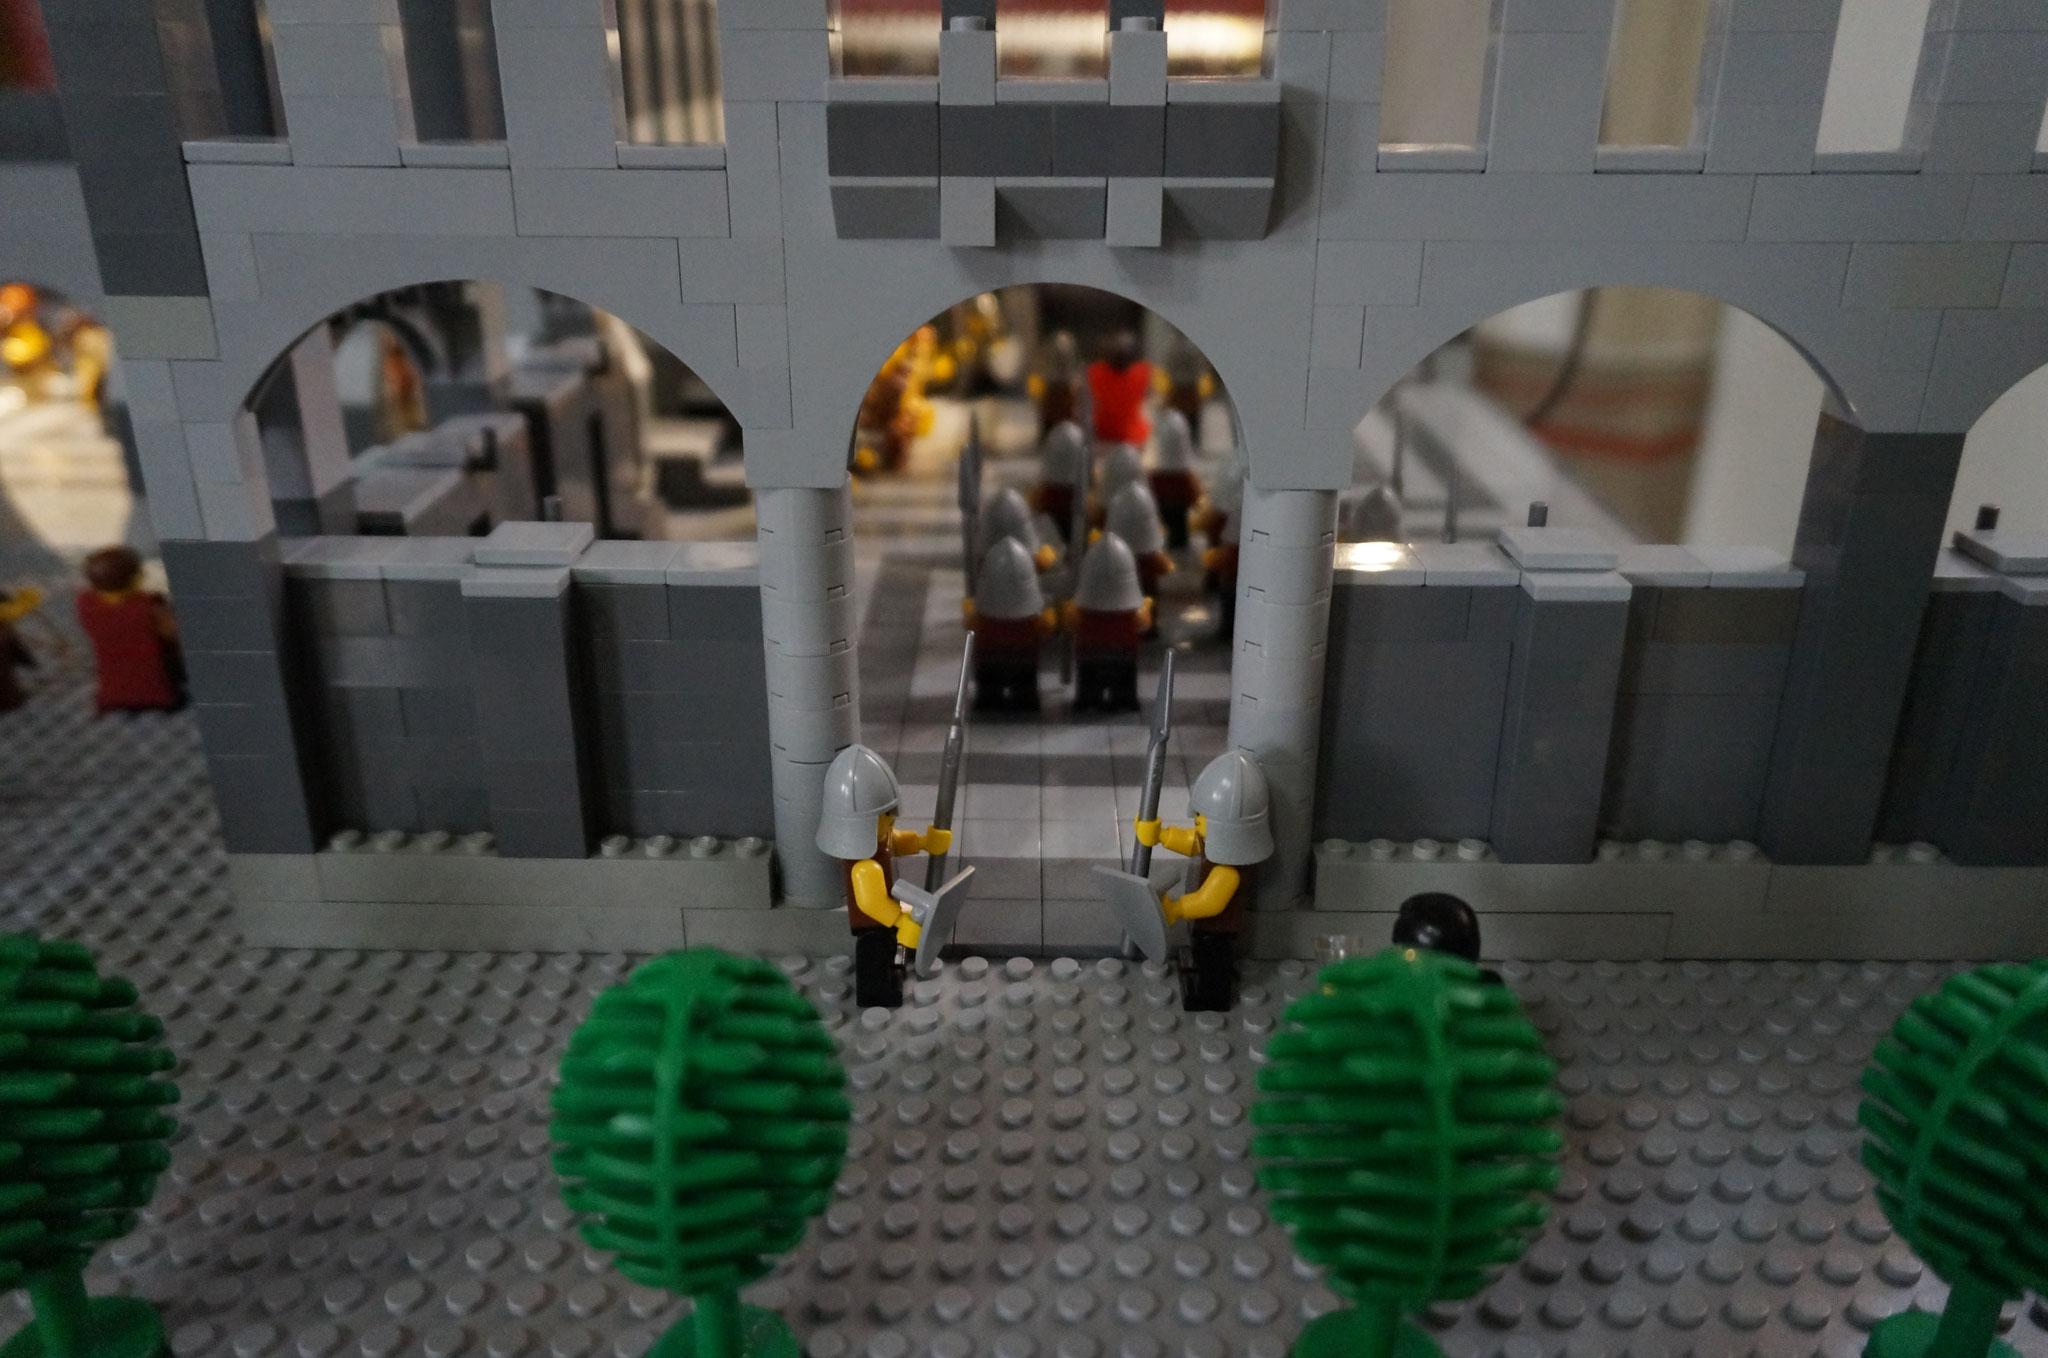 Judas (verdeckt) vor den Toren des Gerichtsgebäudes